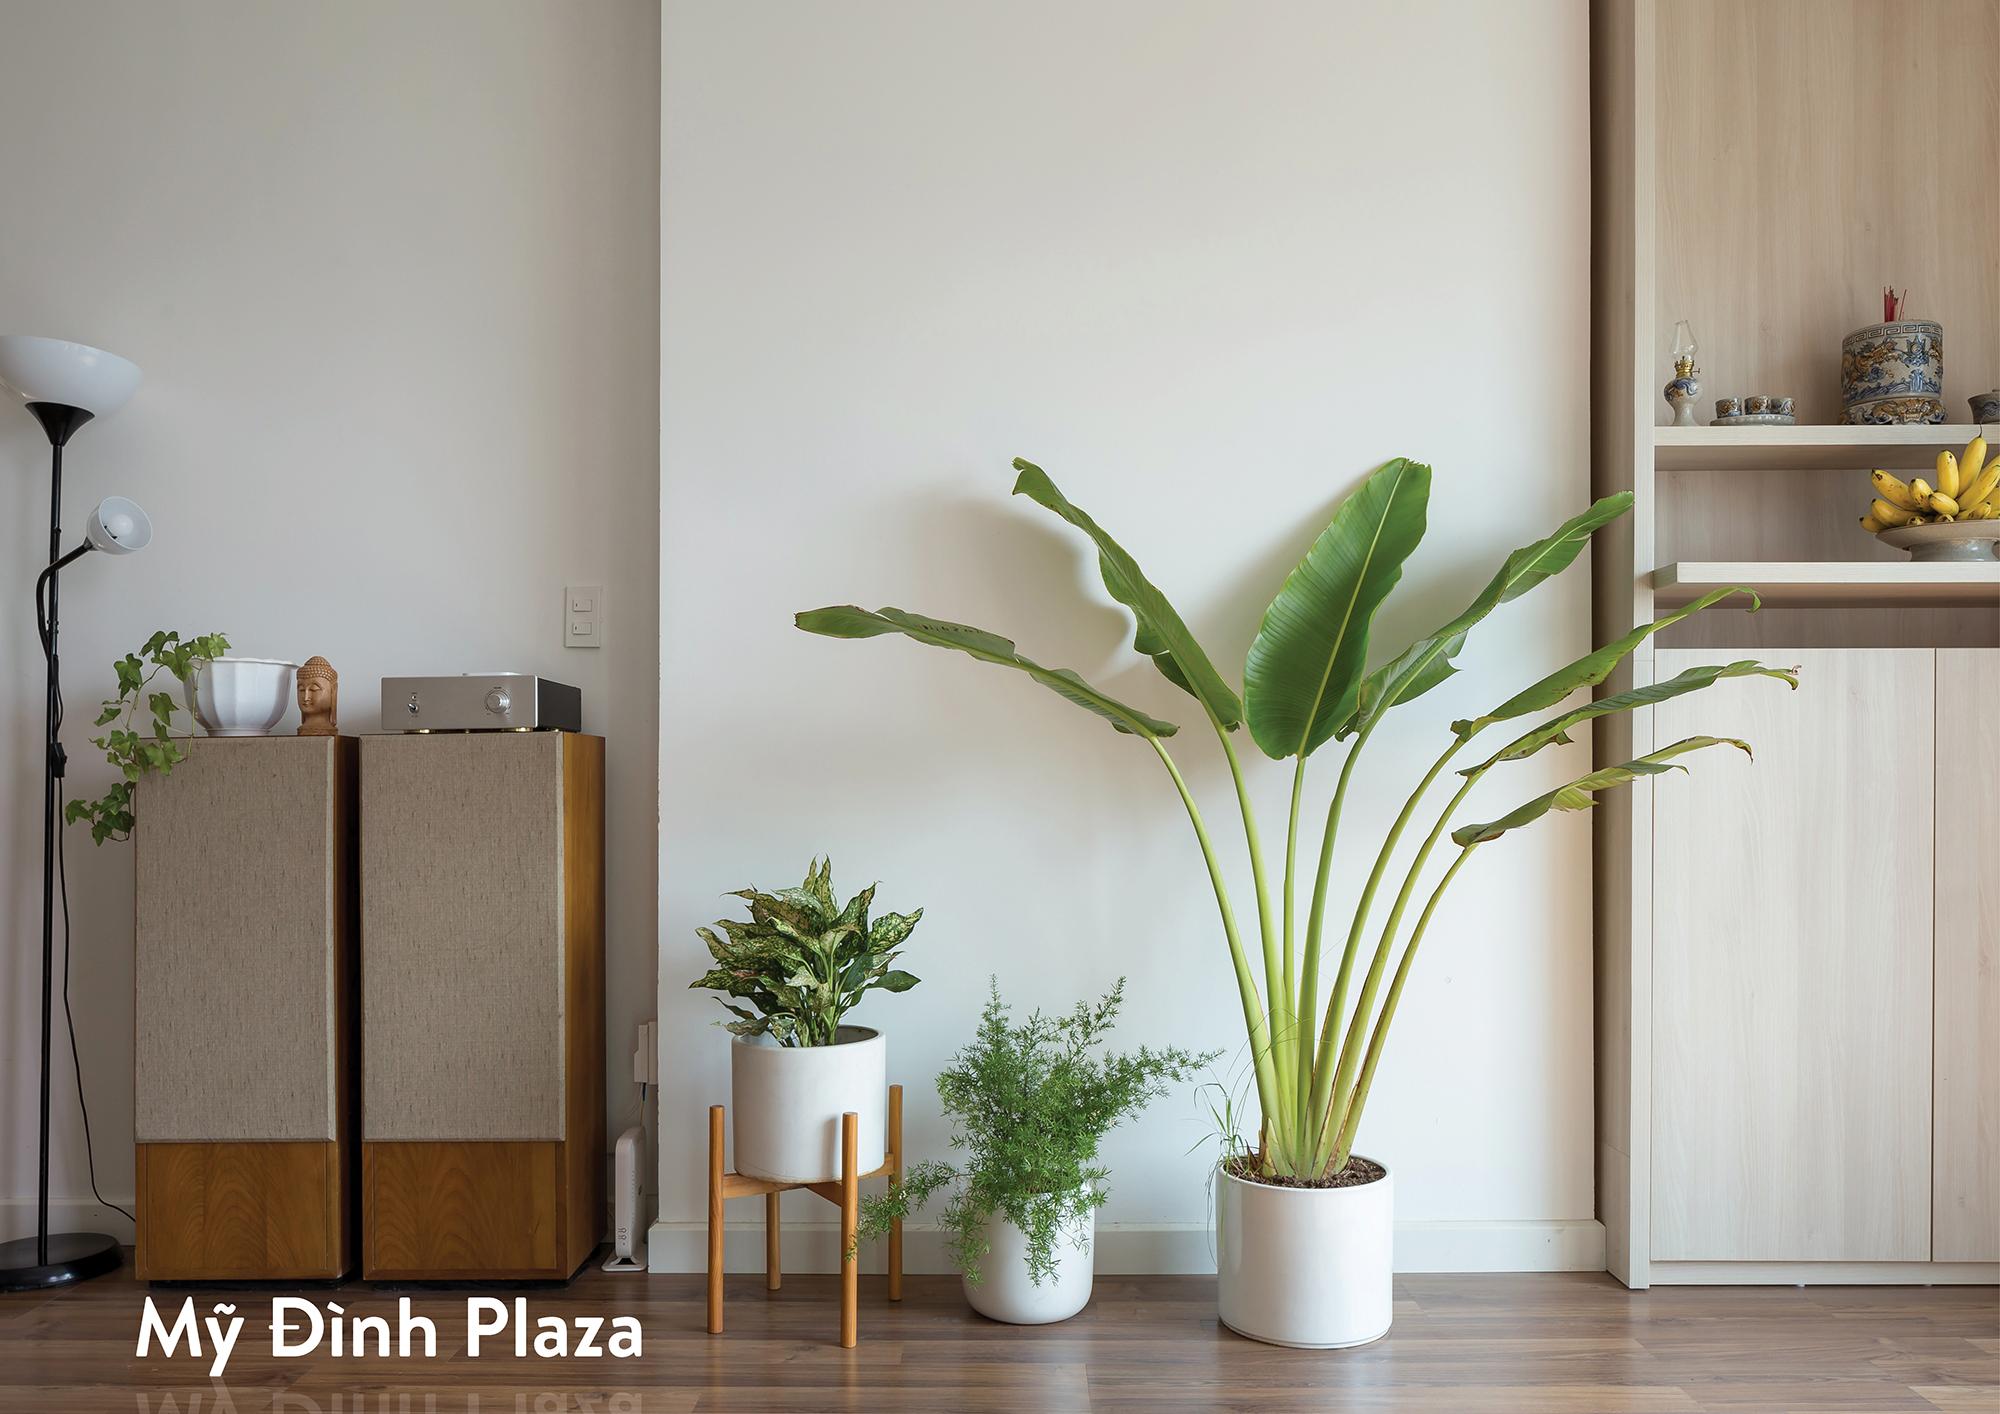 Mỹ Đình Plaza Apartment / HGAA